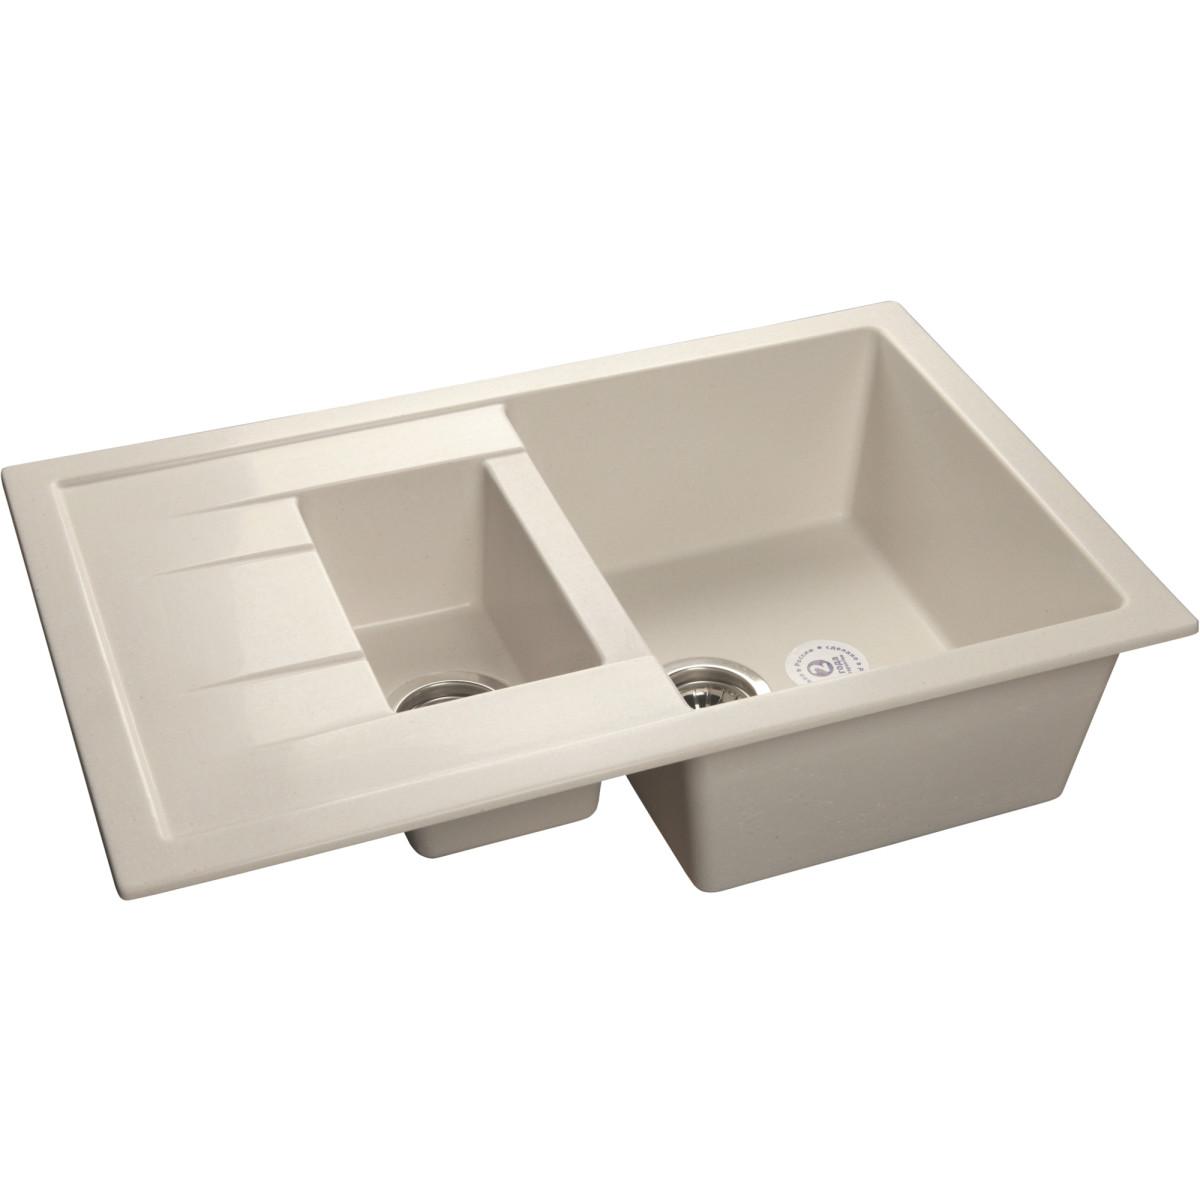 Кухонная мойка GranFest Q-775 KL QUADROQ-775 KL бел